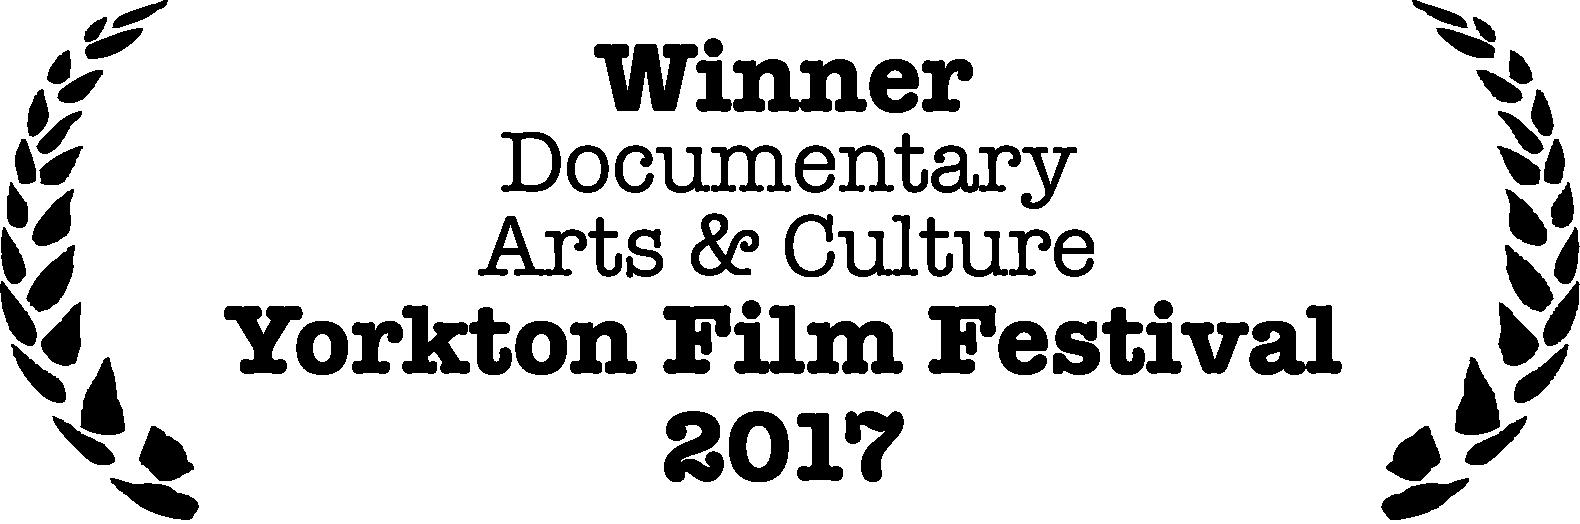 Winner_DocArtsCulture_2017.png